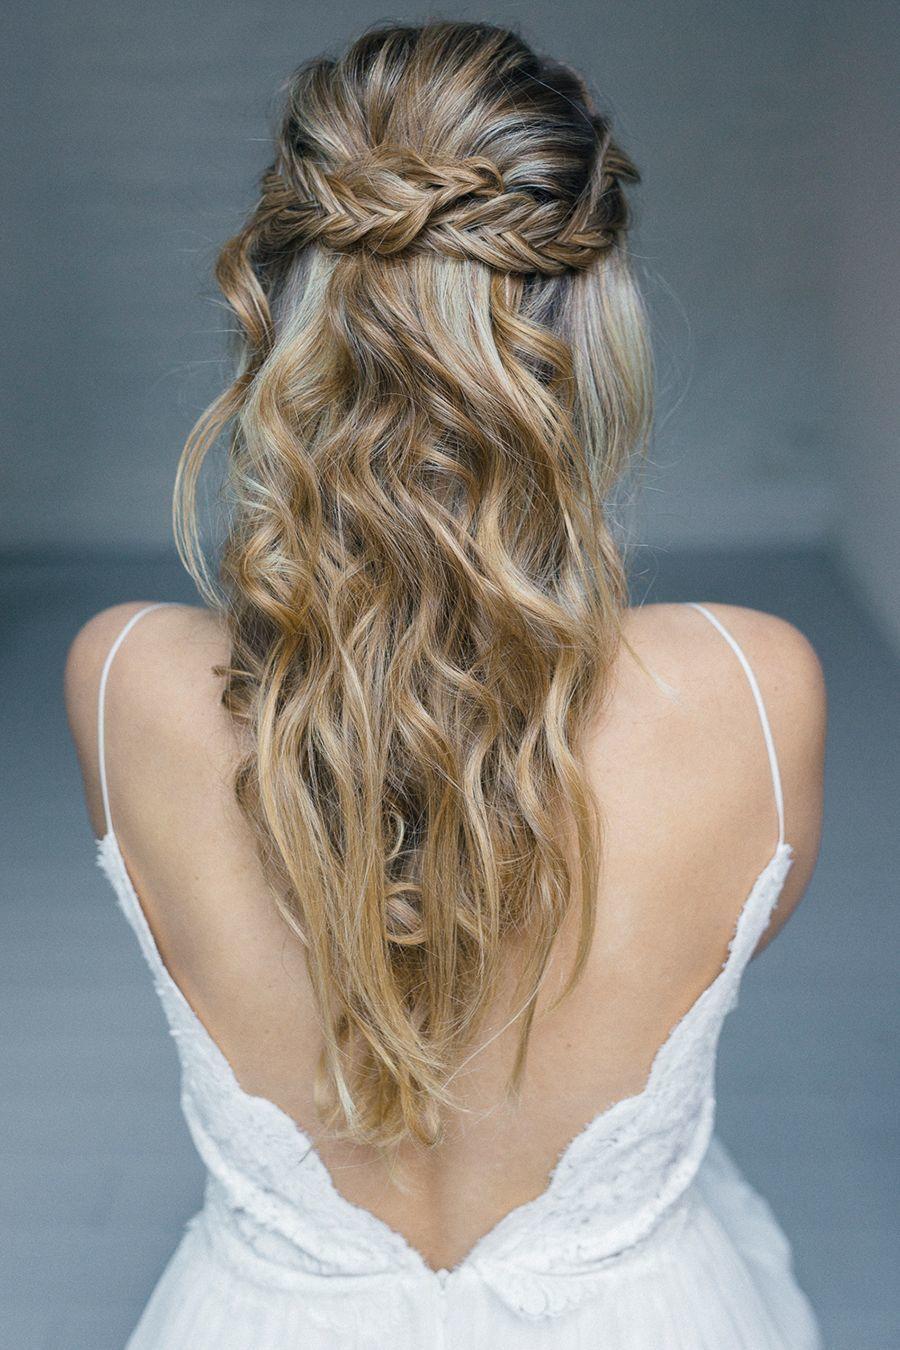 Atemberaubende Frisur Trauzeugin Lange Haare Frisur Trauzeugin Brautfrisur Frisuren Lange Haare Trauzeugin